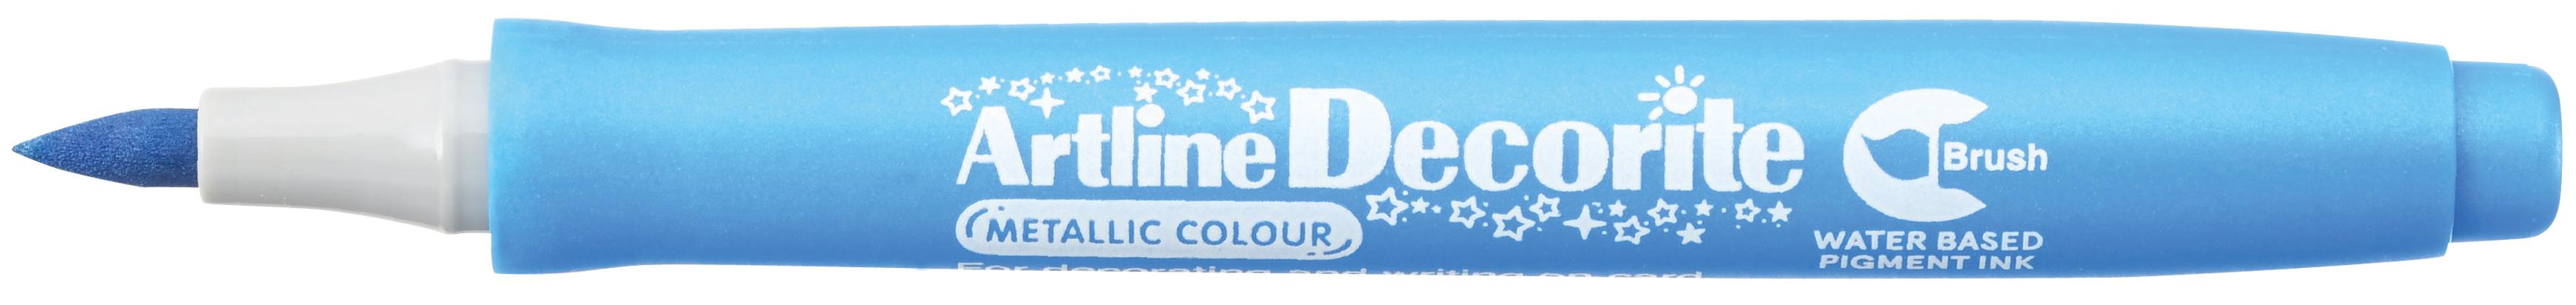 Artline Decorite Brush Metallic Blå